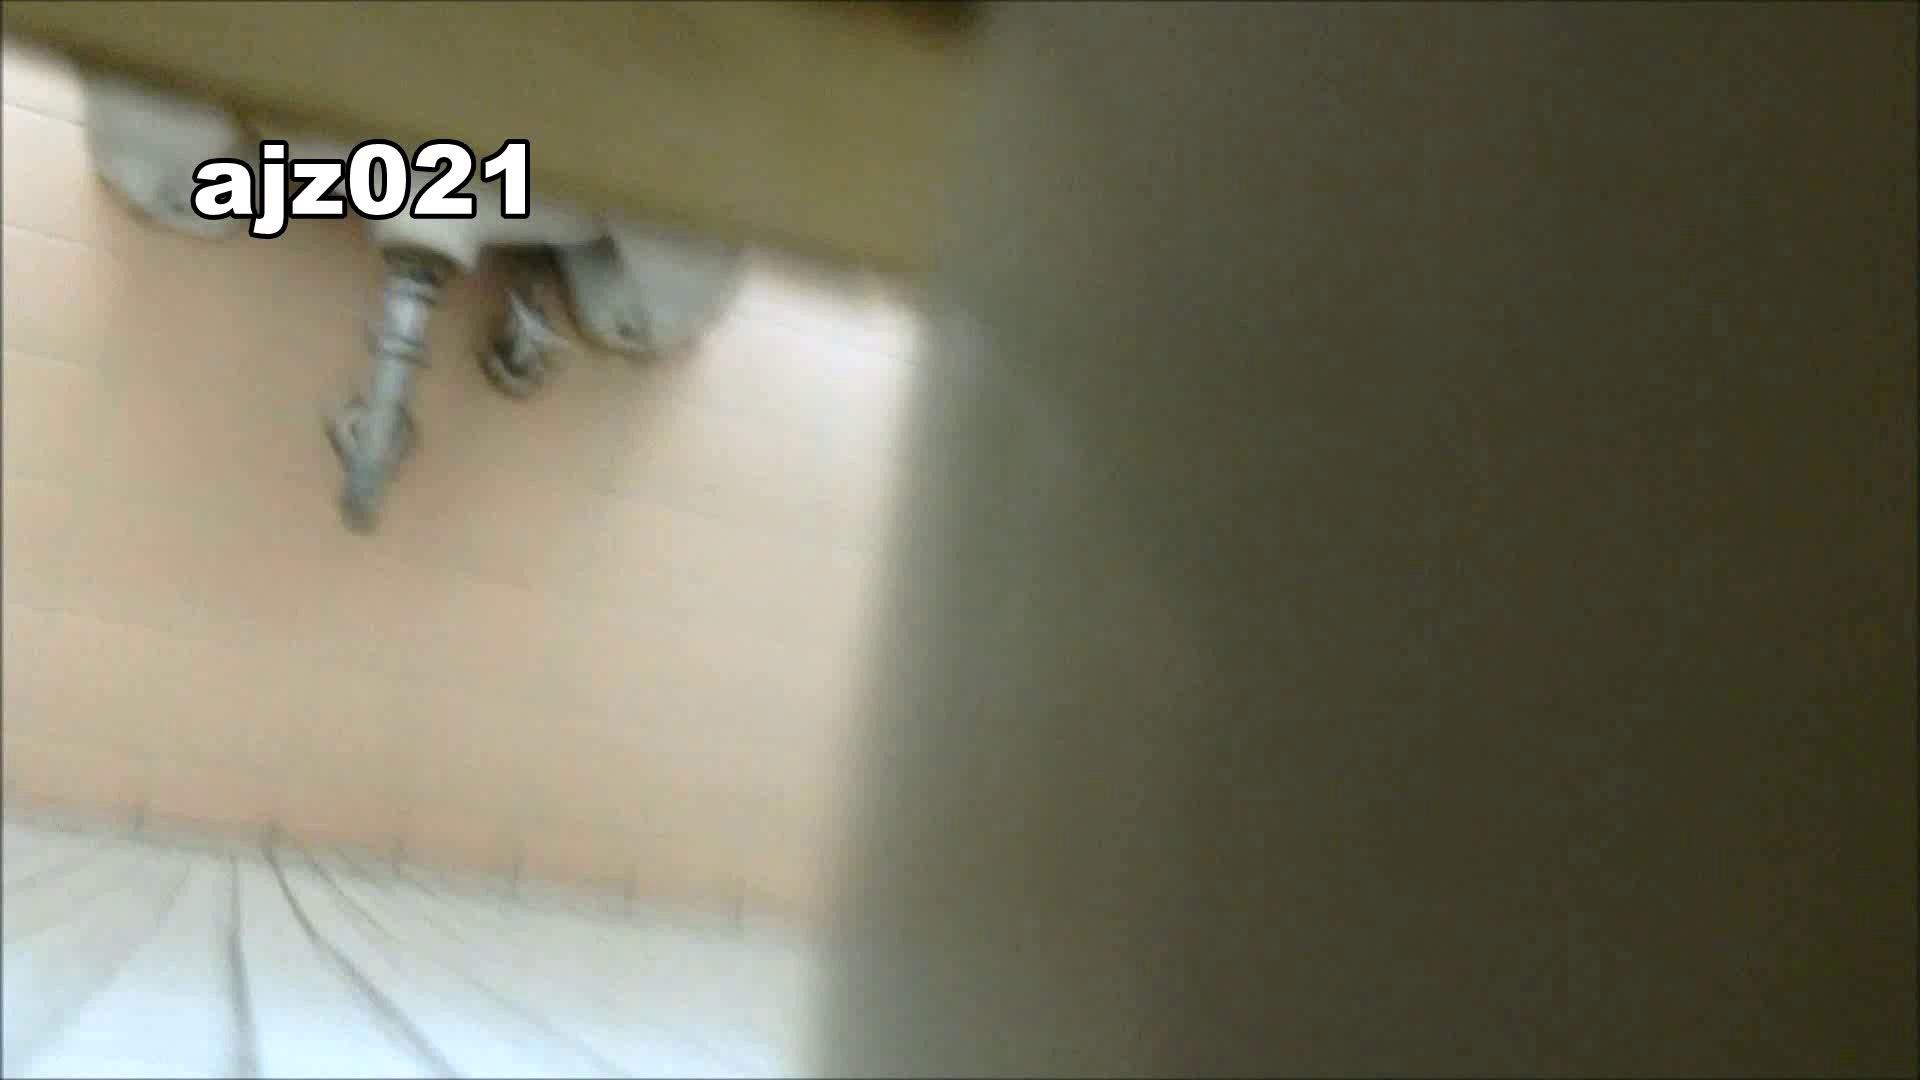 某有名大学女性洗面所 vol.21 和式 セックス画像 80PIX 76